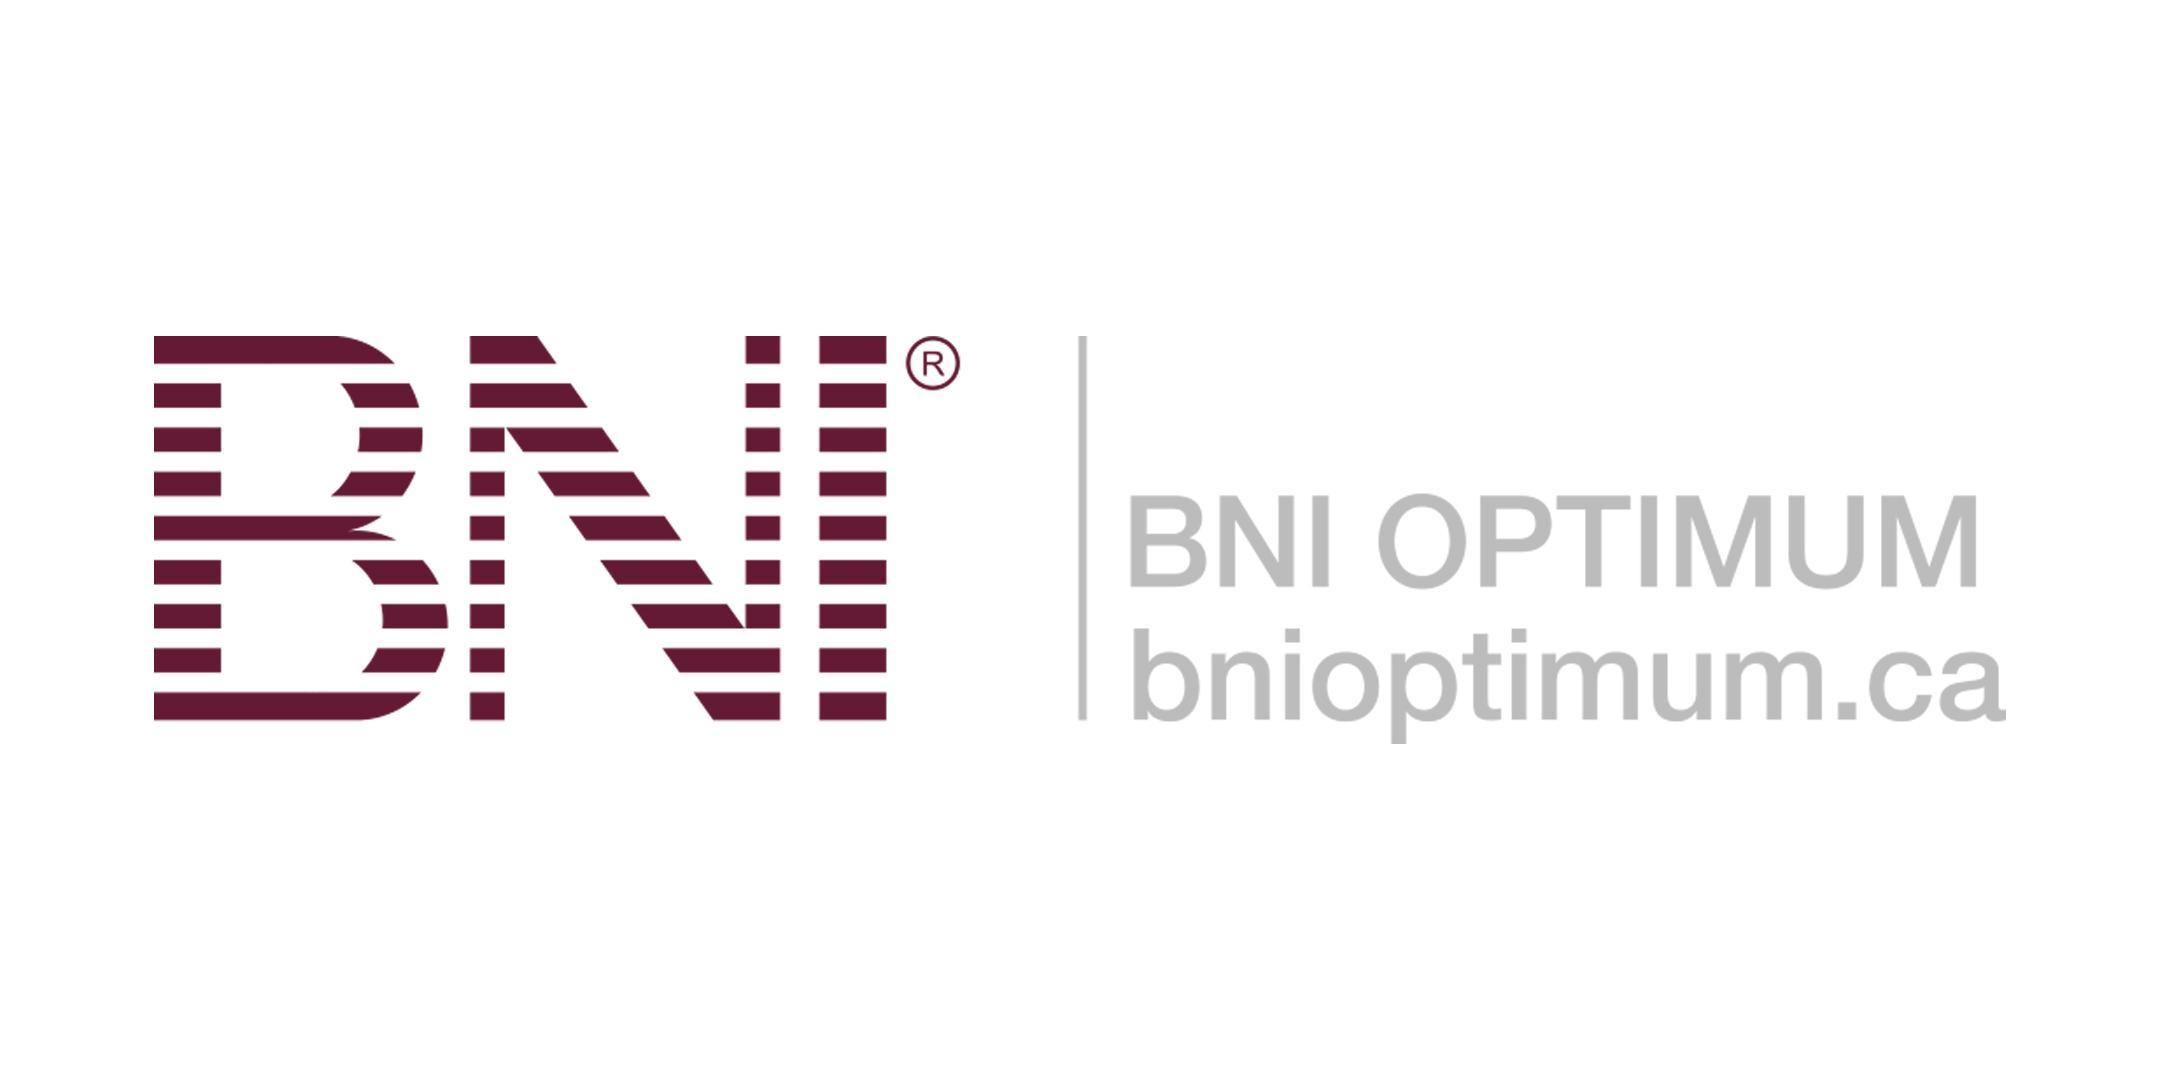 2020 BNI Optimum Chapter - Thursday Network Luncheon